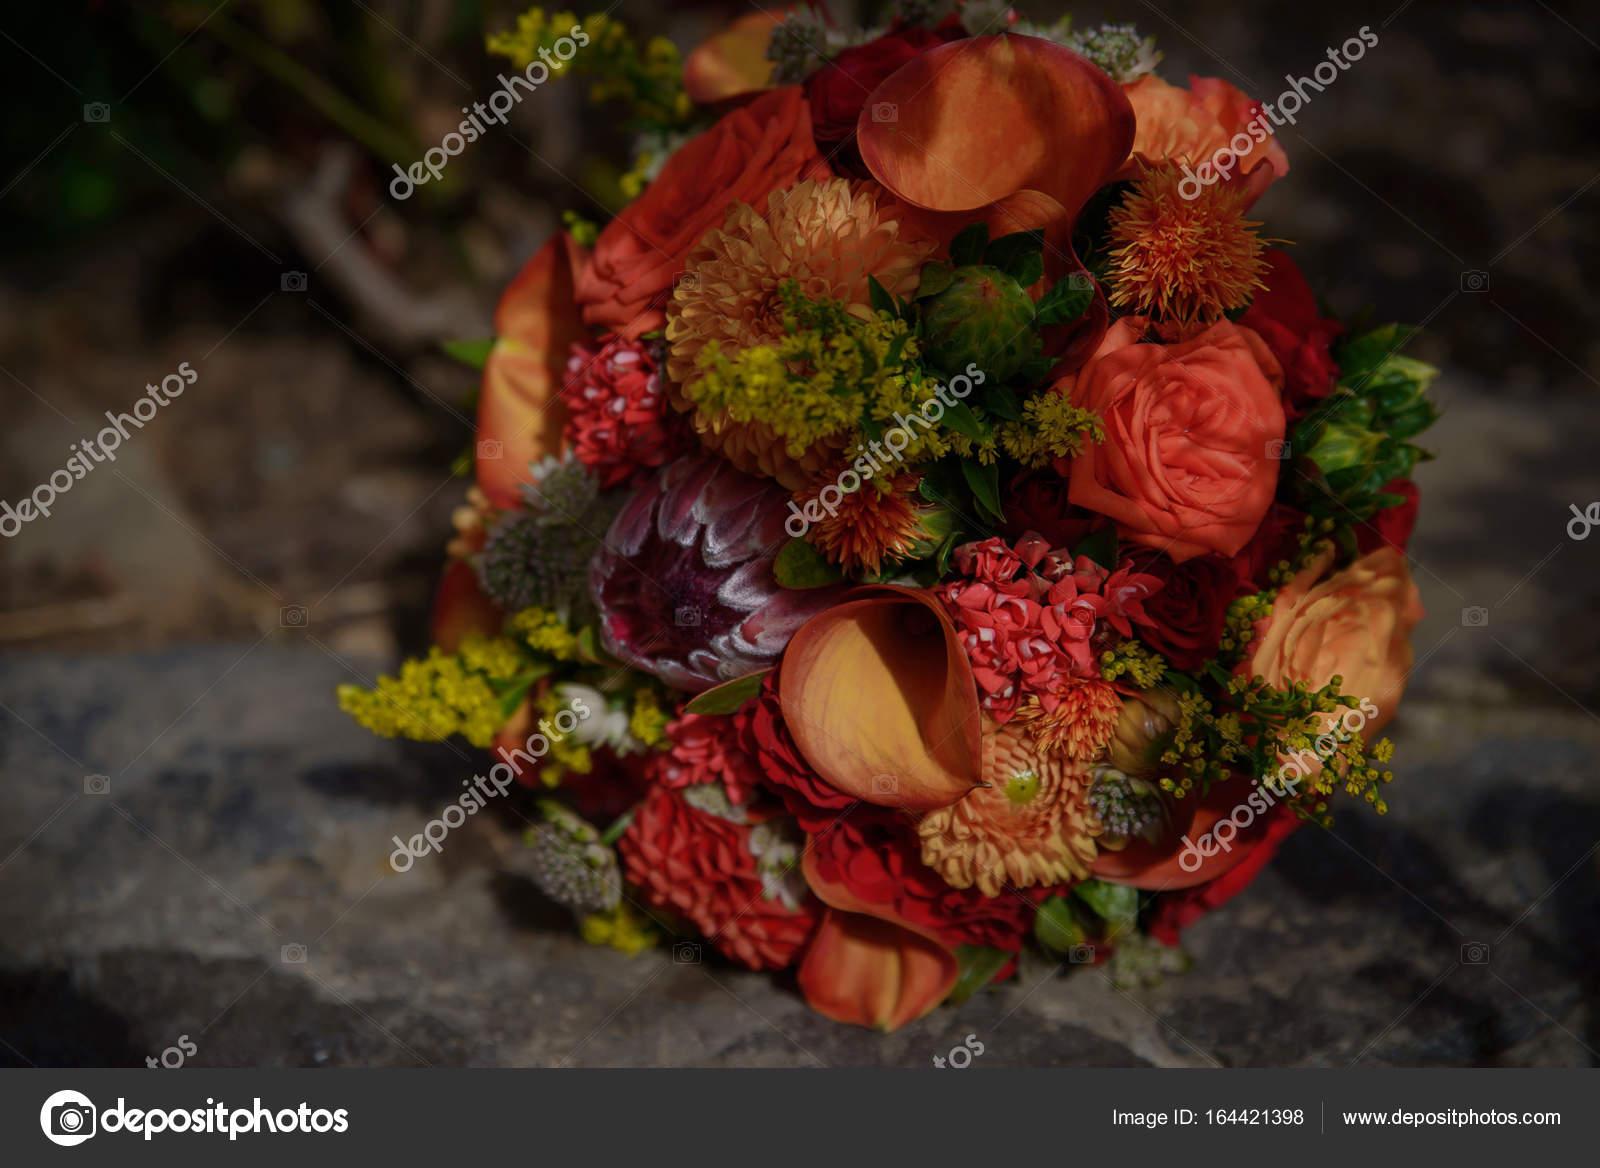 b1085aaca61f Vin och vinröda färger i en blandad brudbukett med mini flamma kallor,  varma röda rosor